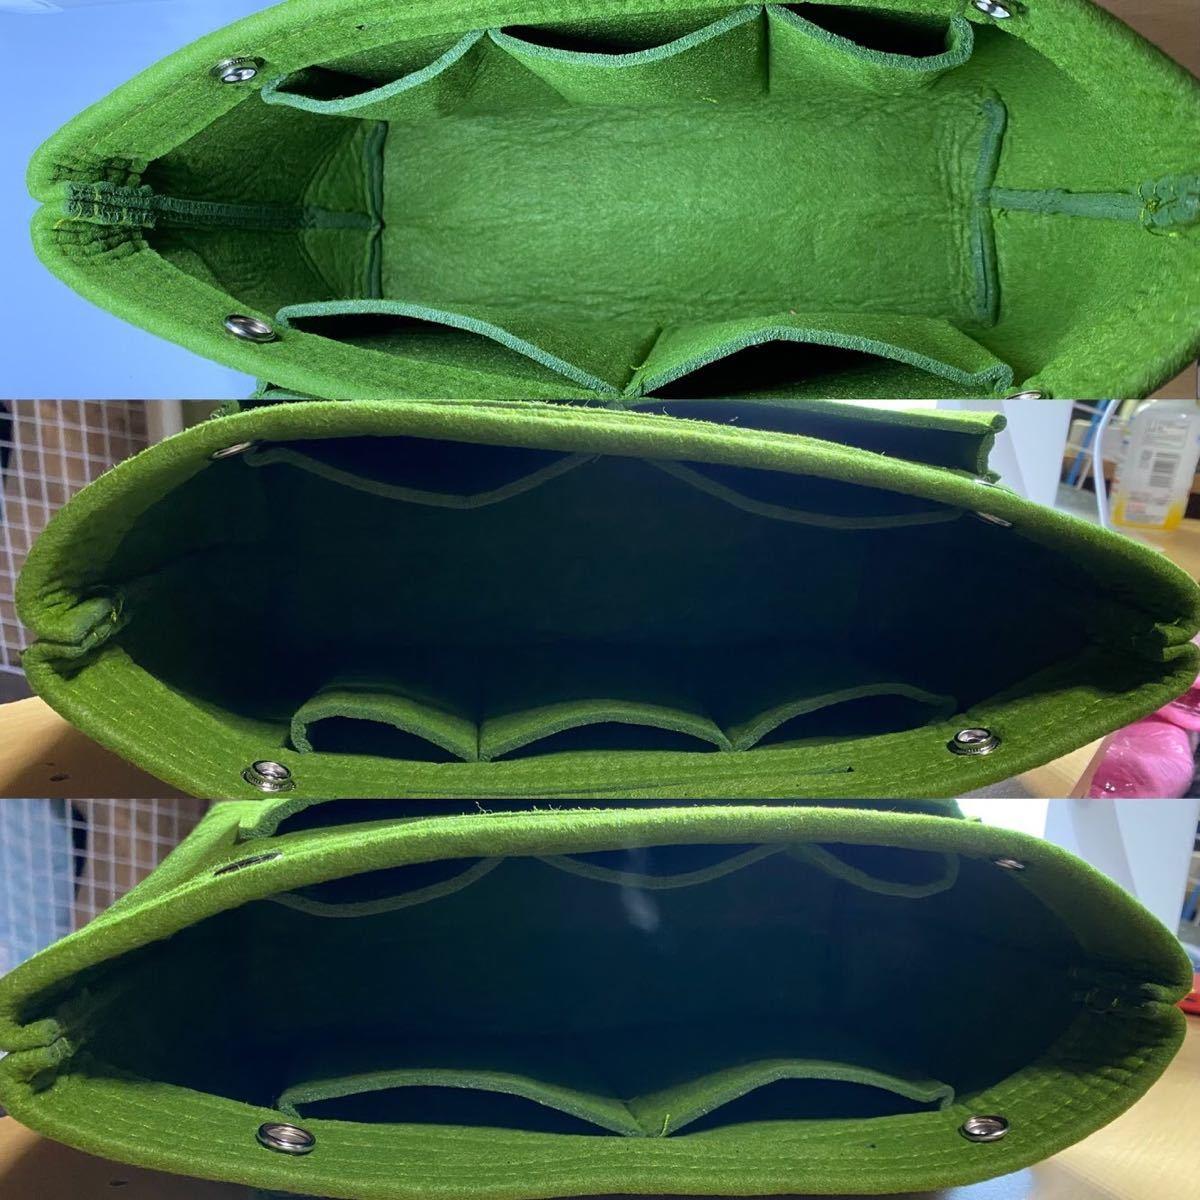 バッグインバッグ 大容量 フェルト インナーバッグ 収納ボックス 軽量 収納バッグ ハンドバッグ ショルダーバッグ 緑 男女兼用